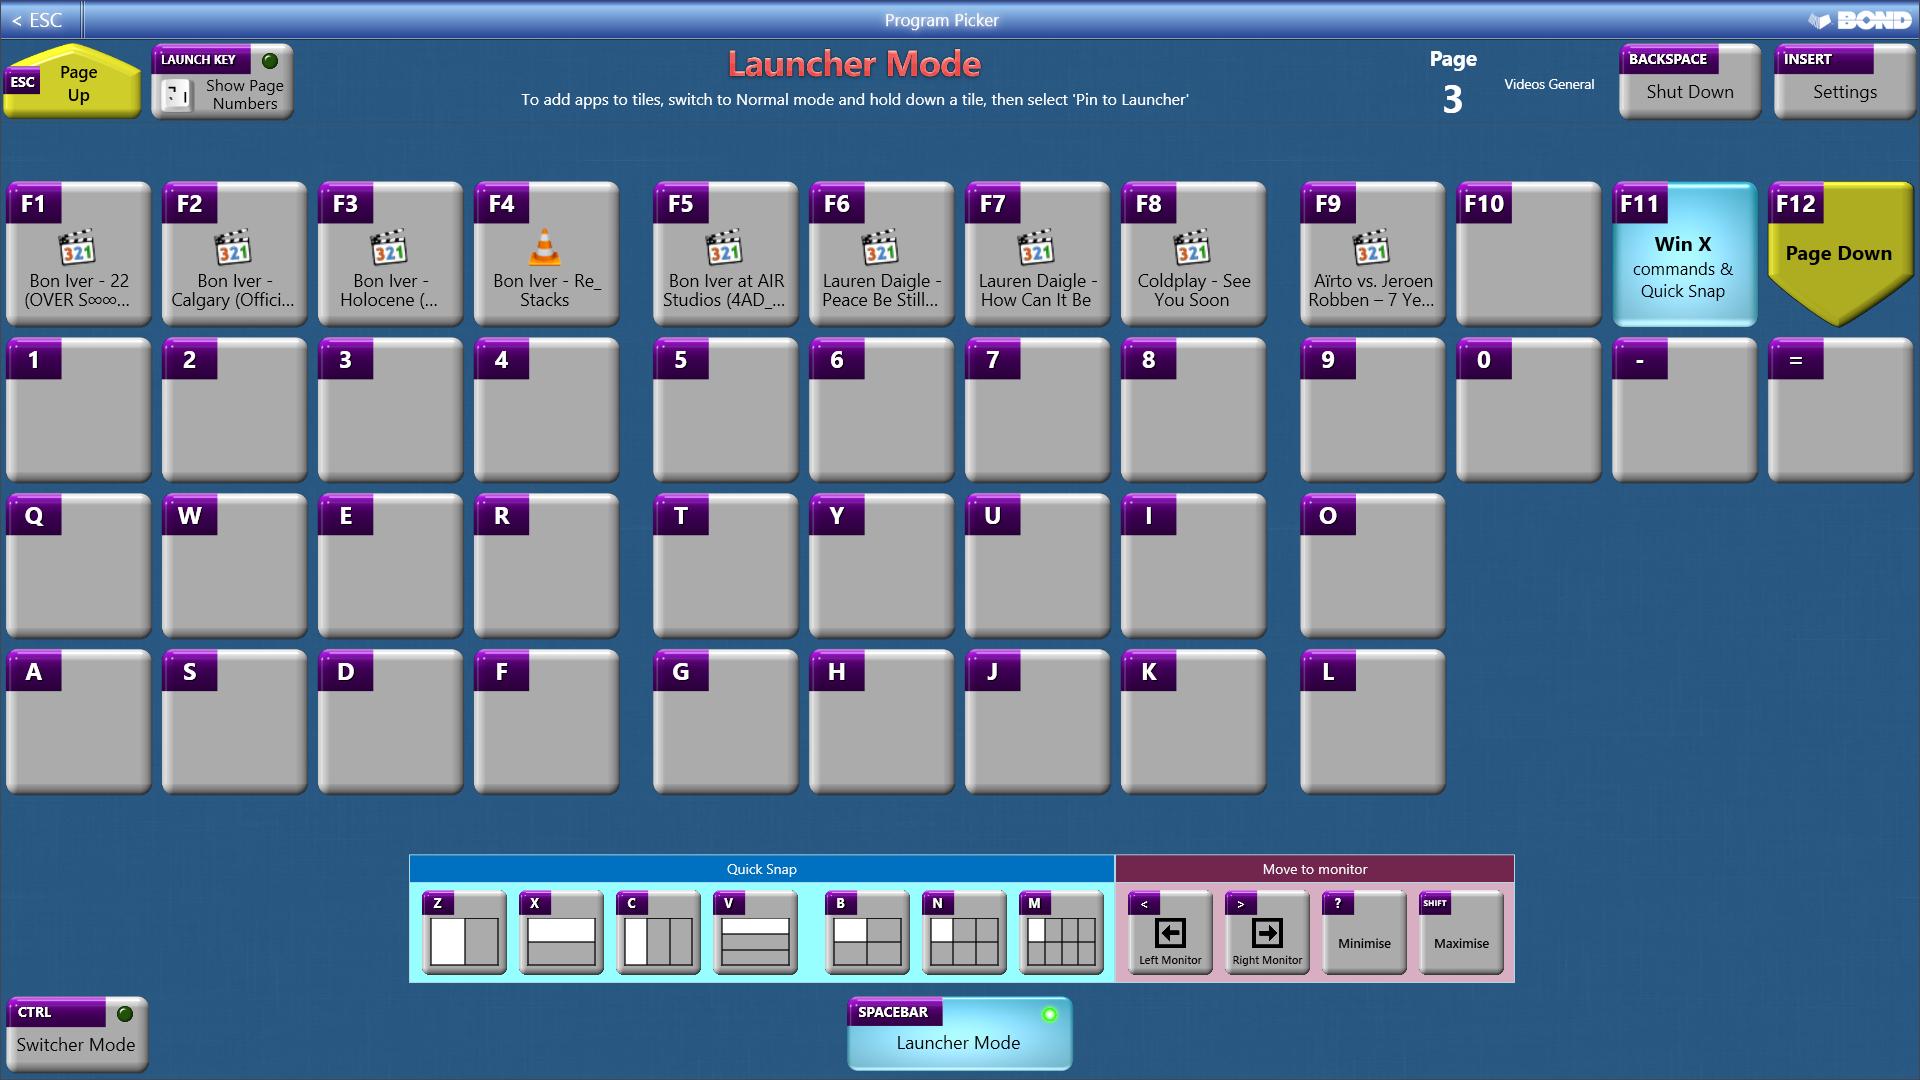 Program Picker, Desktop Customization Software, App Launcher Software Screenshot